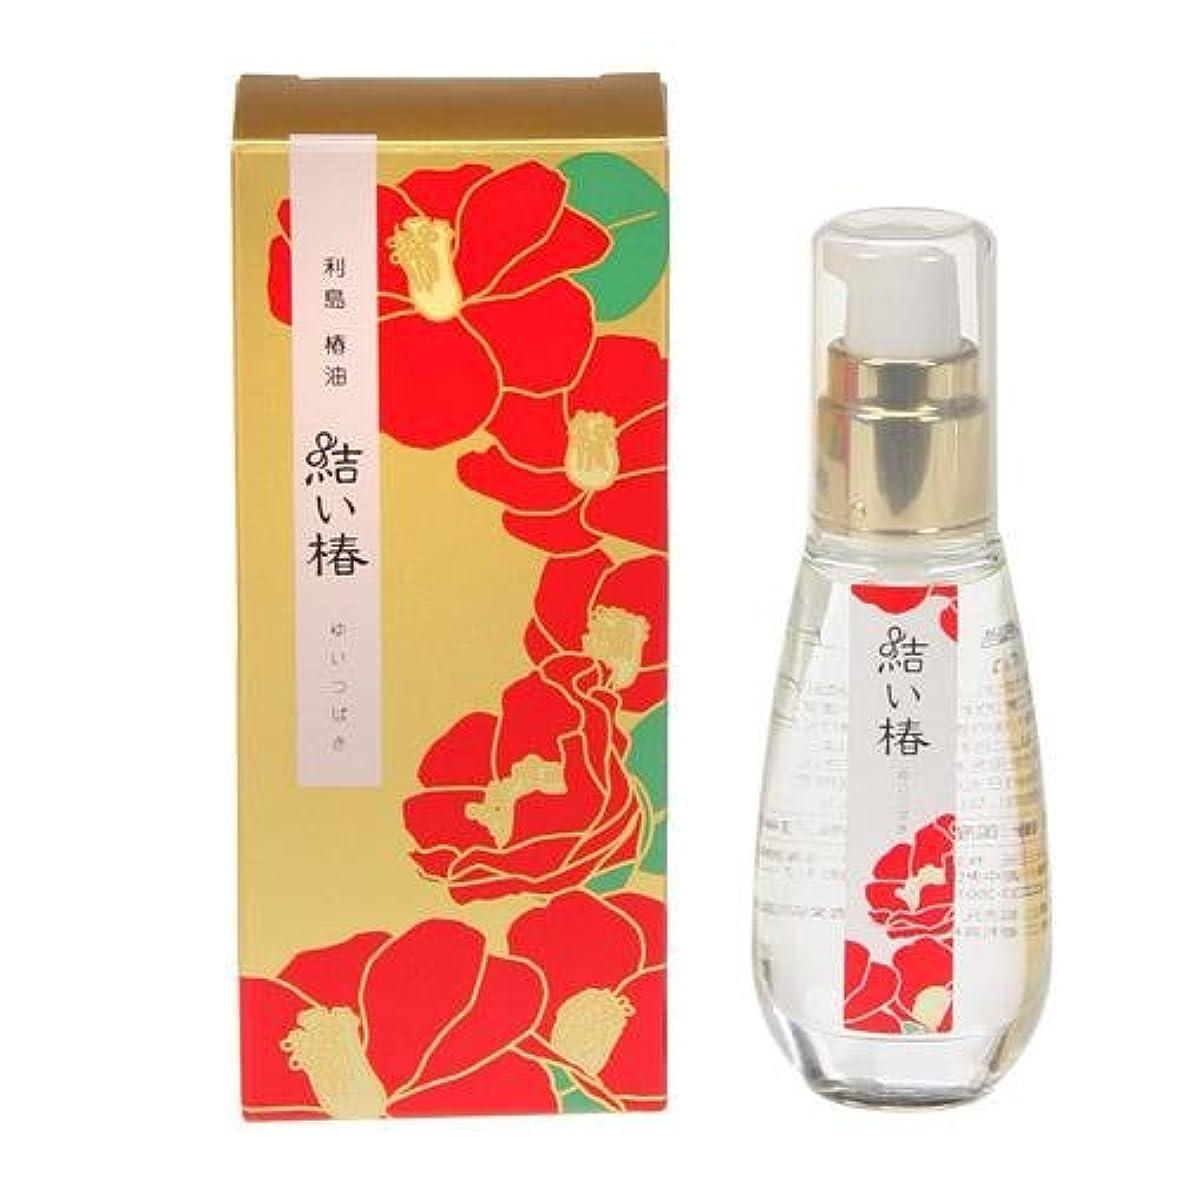 押す成人期特許「伊豆利島(としま)椿油」 結い椿 椿油 上質 30ml(プッシュタイプ)